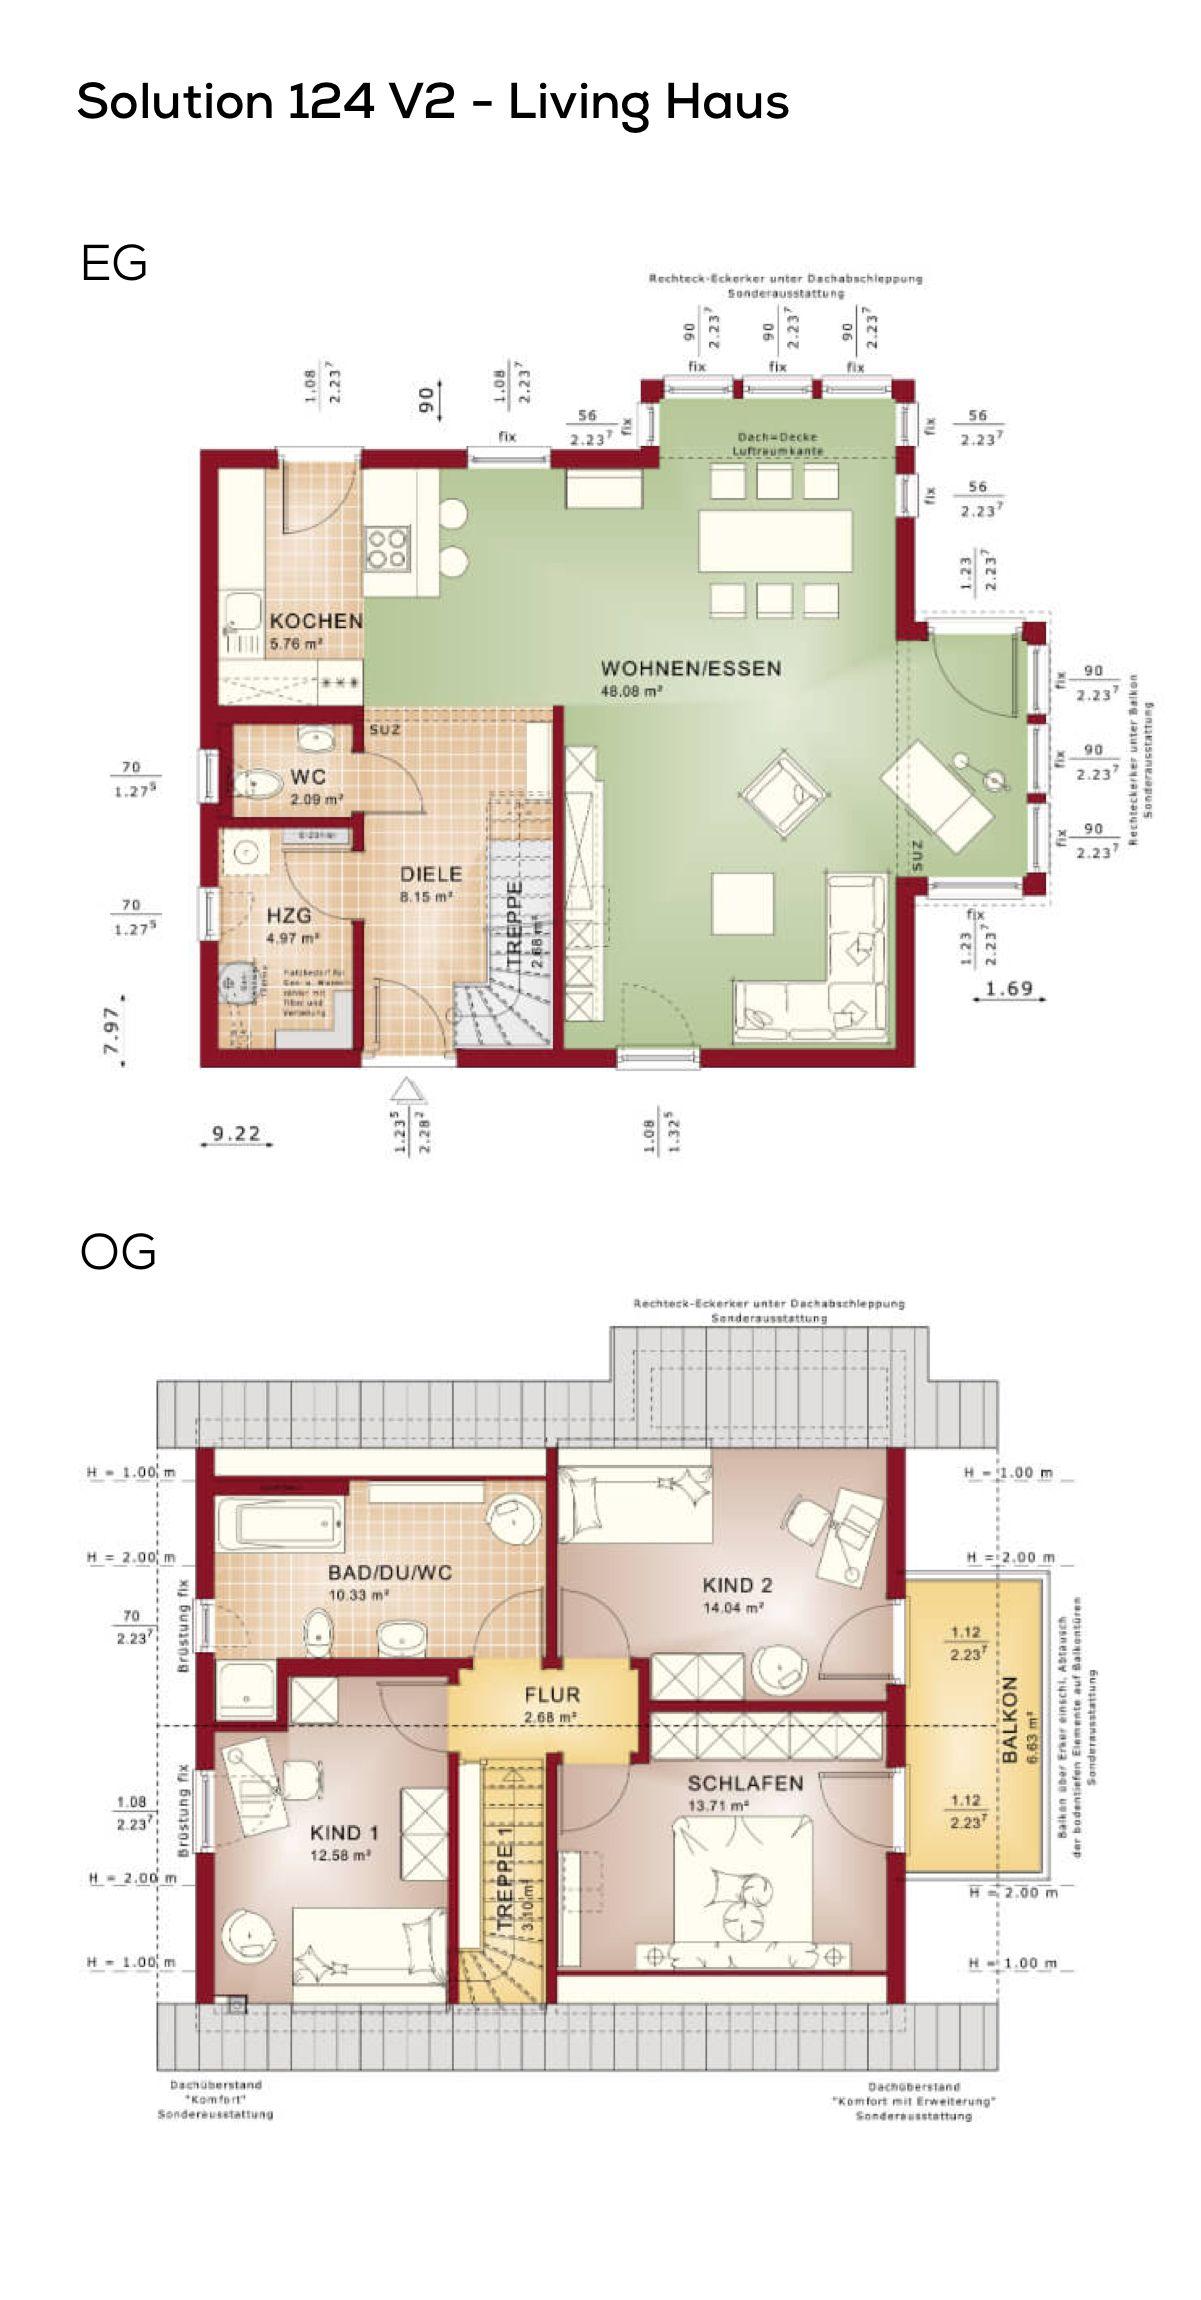 grundrisse einfamilienhaus mit satteldach architektur und erker 4 zimmer 117 qm wohnfl che. Black Bedroom Furniture Sets. Home Design Ideas